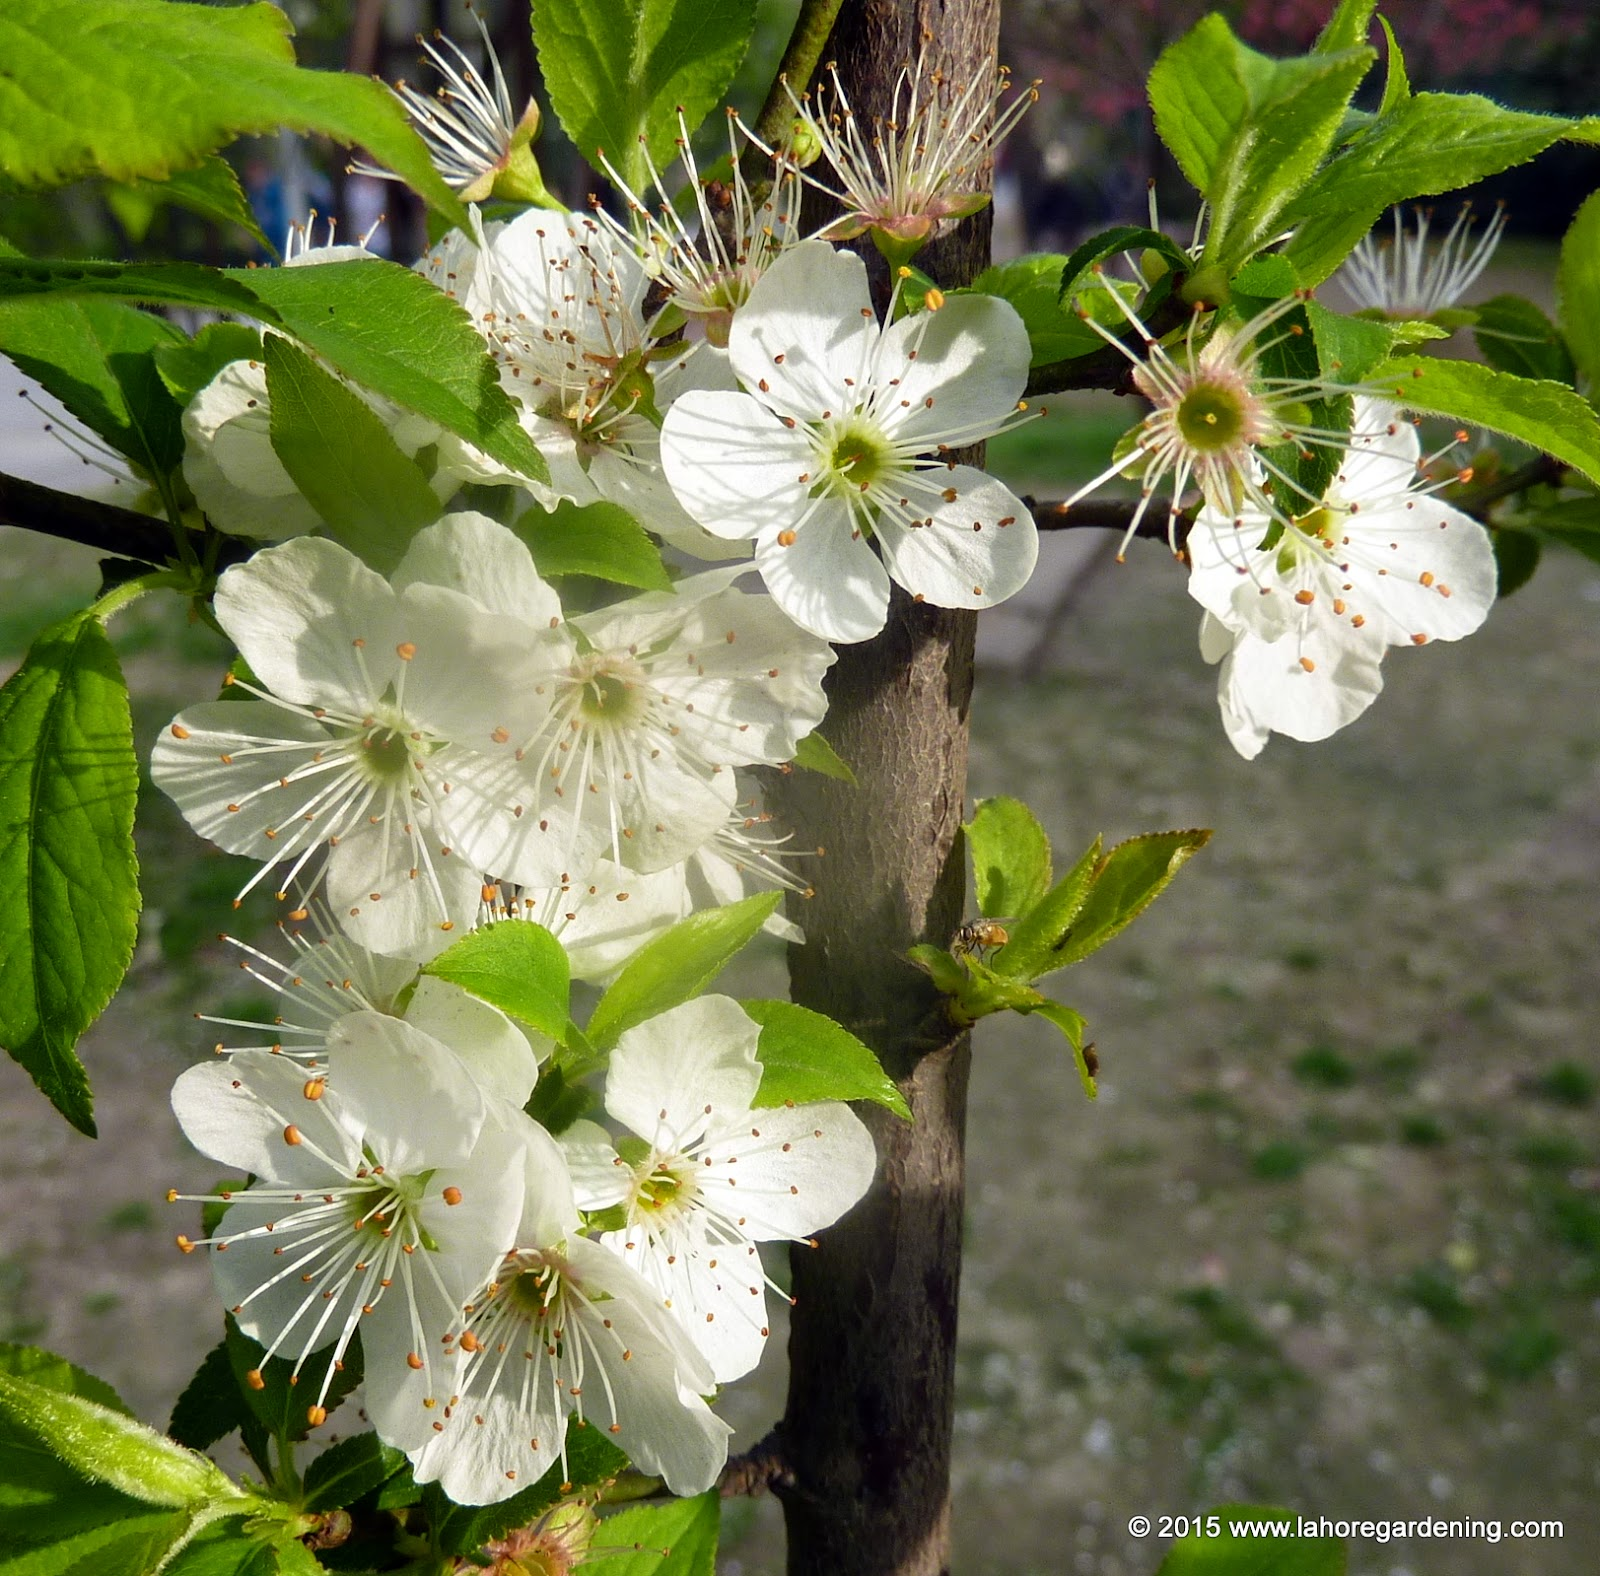 Prunus flower